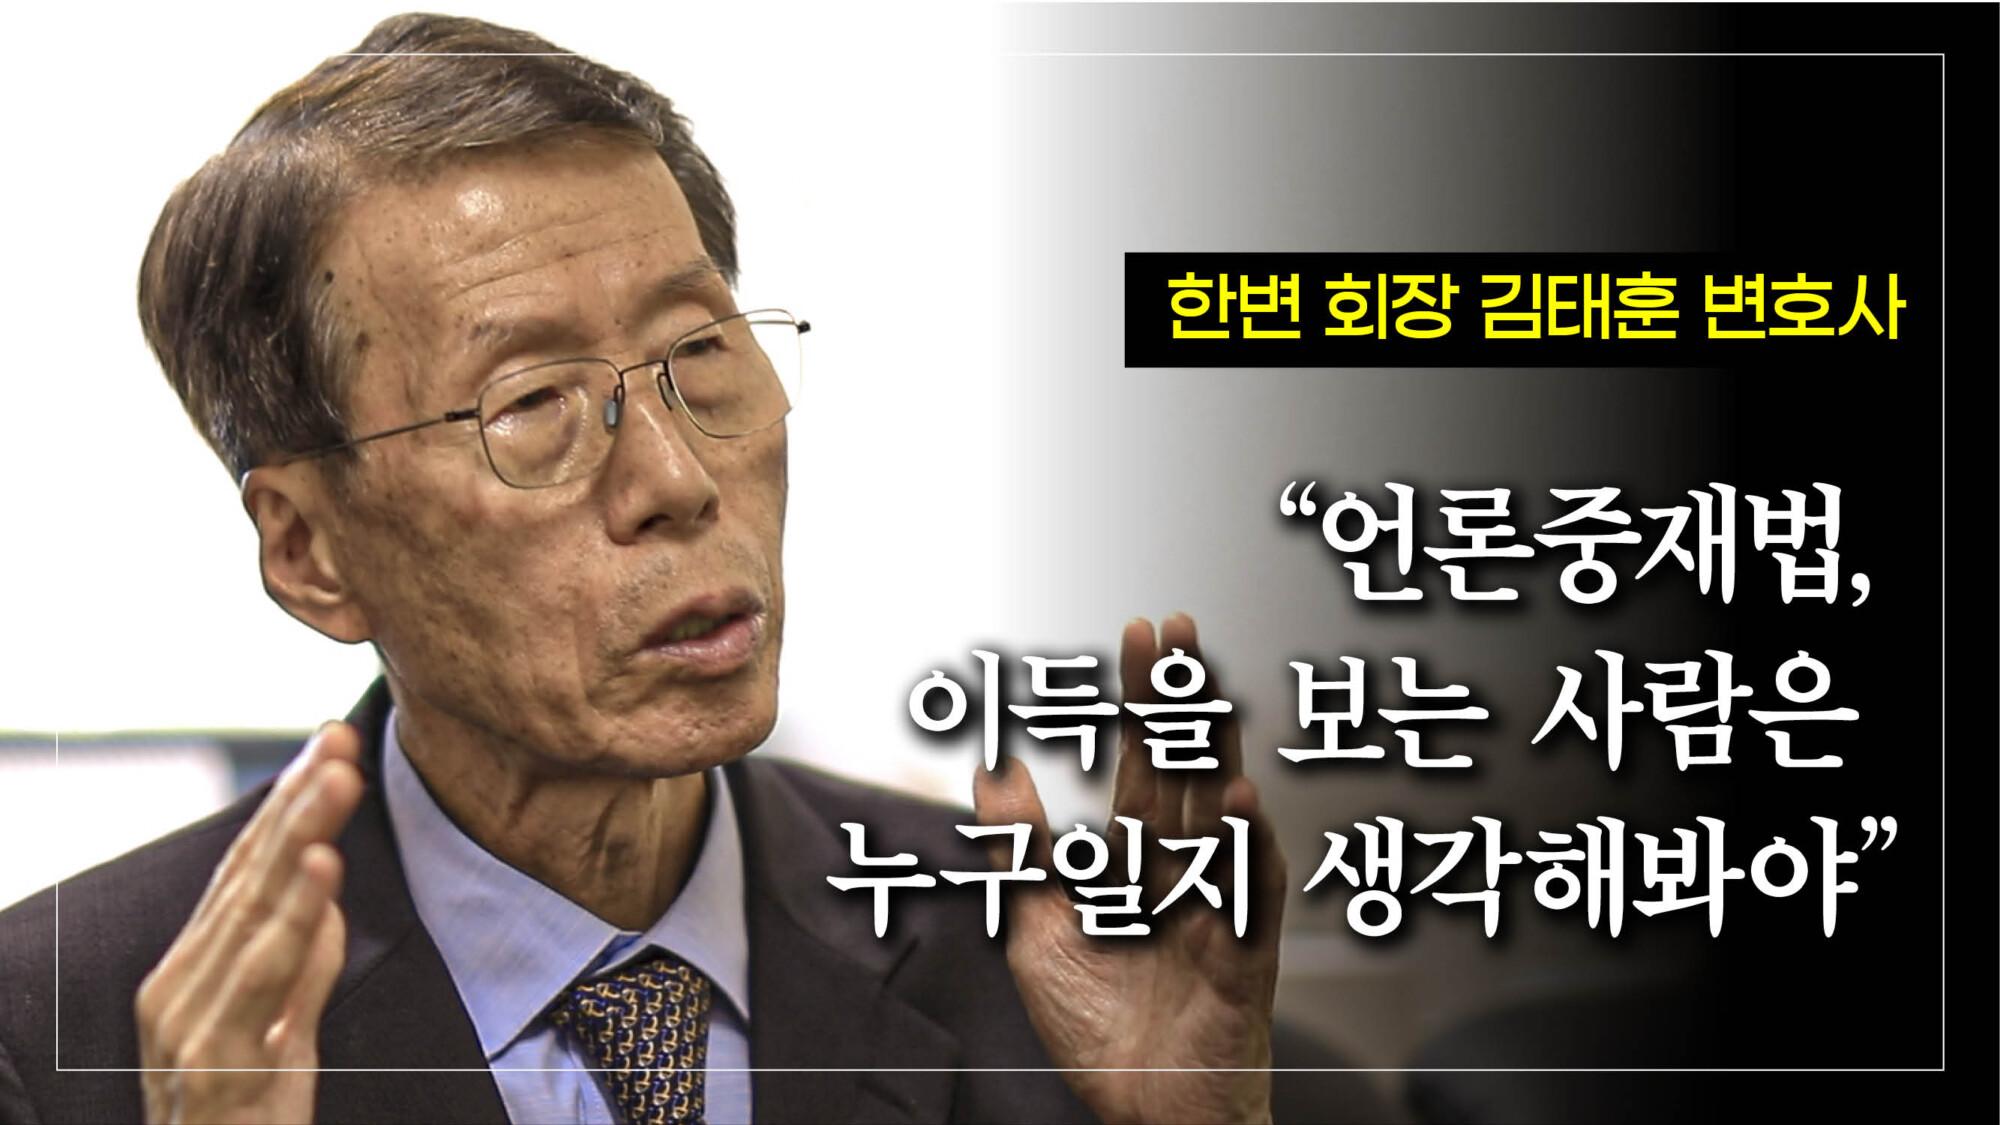 """""""언론중재법, 이득을 보는 사람은 누구일지 생각해봐야"""" 김태훈 변호사"""